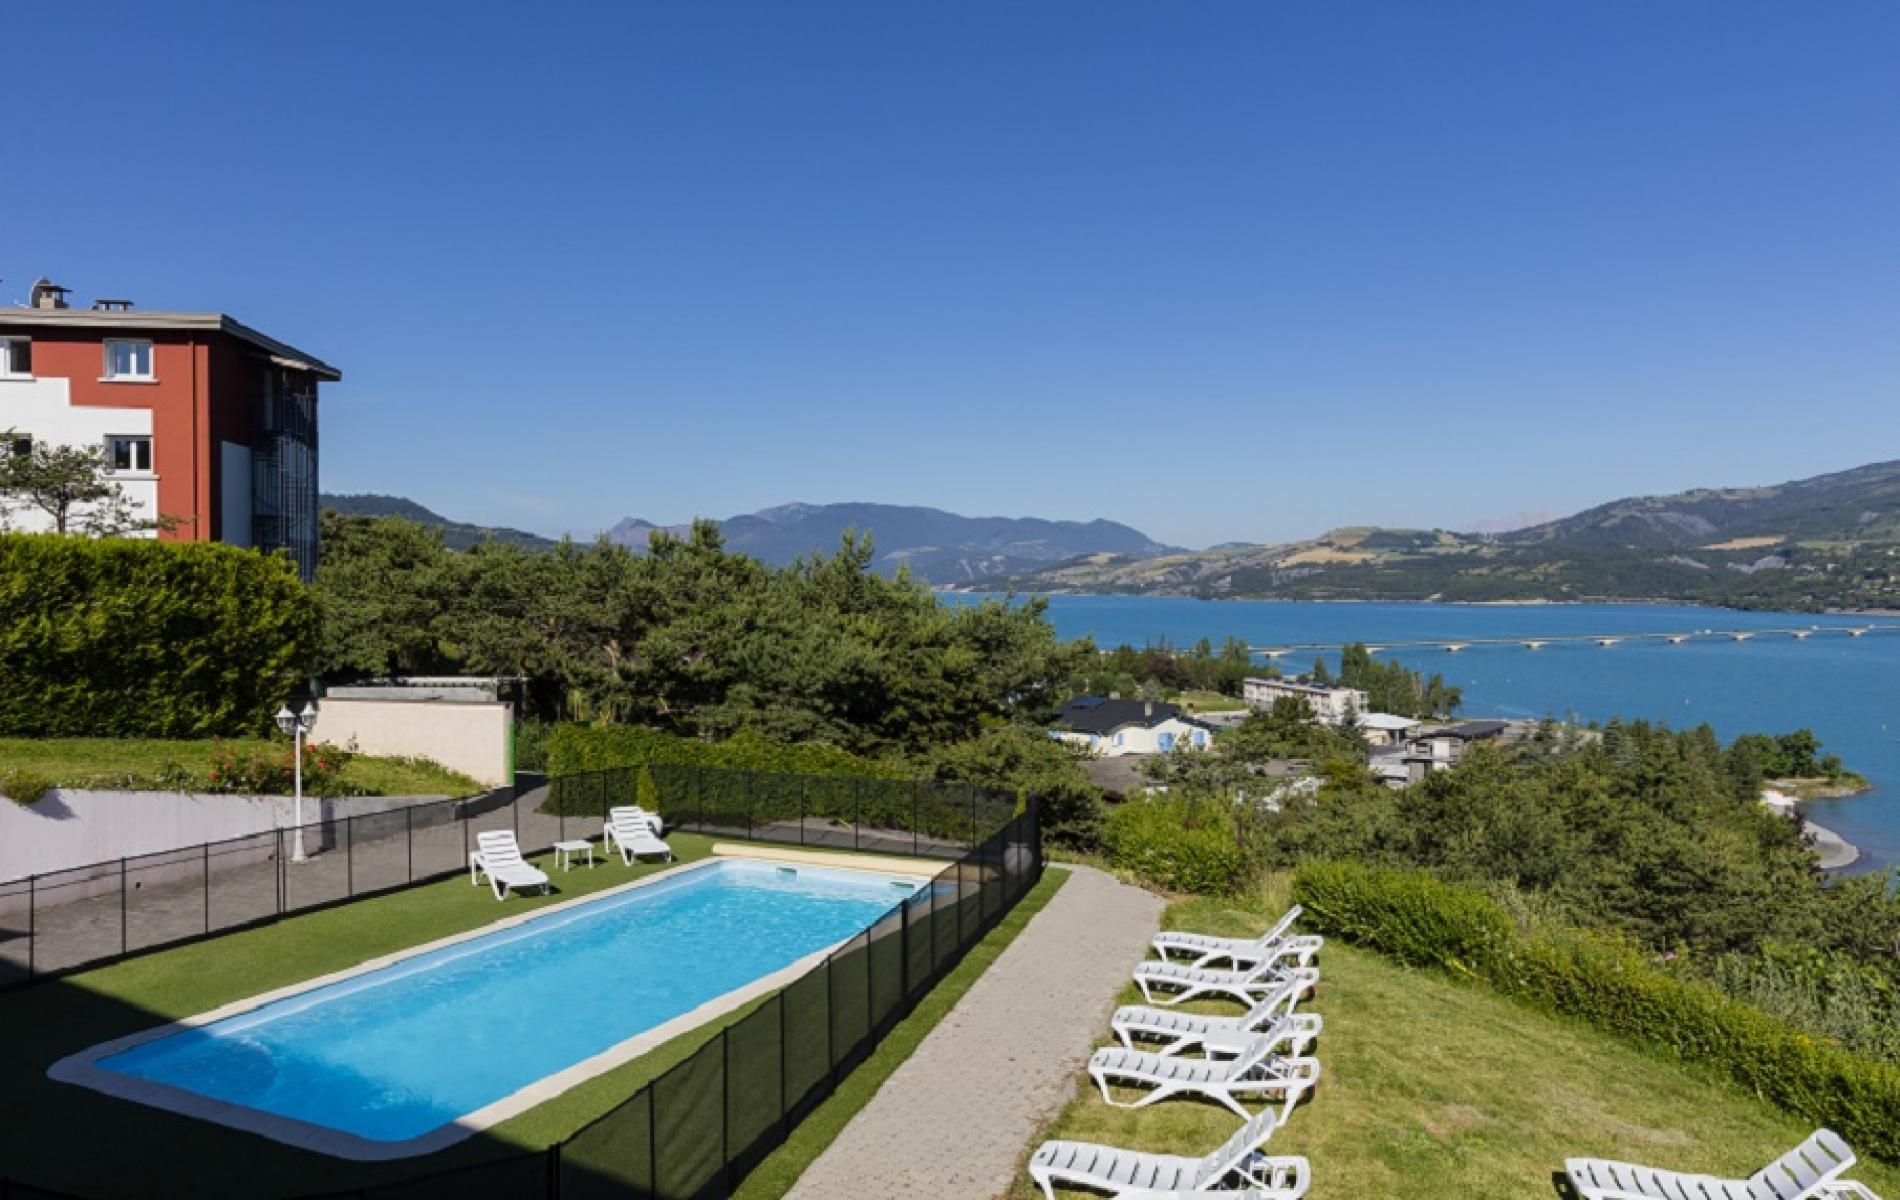 Hotel avec piscine sur le lac de serre pon on - Camping lac serre poncon piscine ...